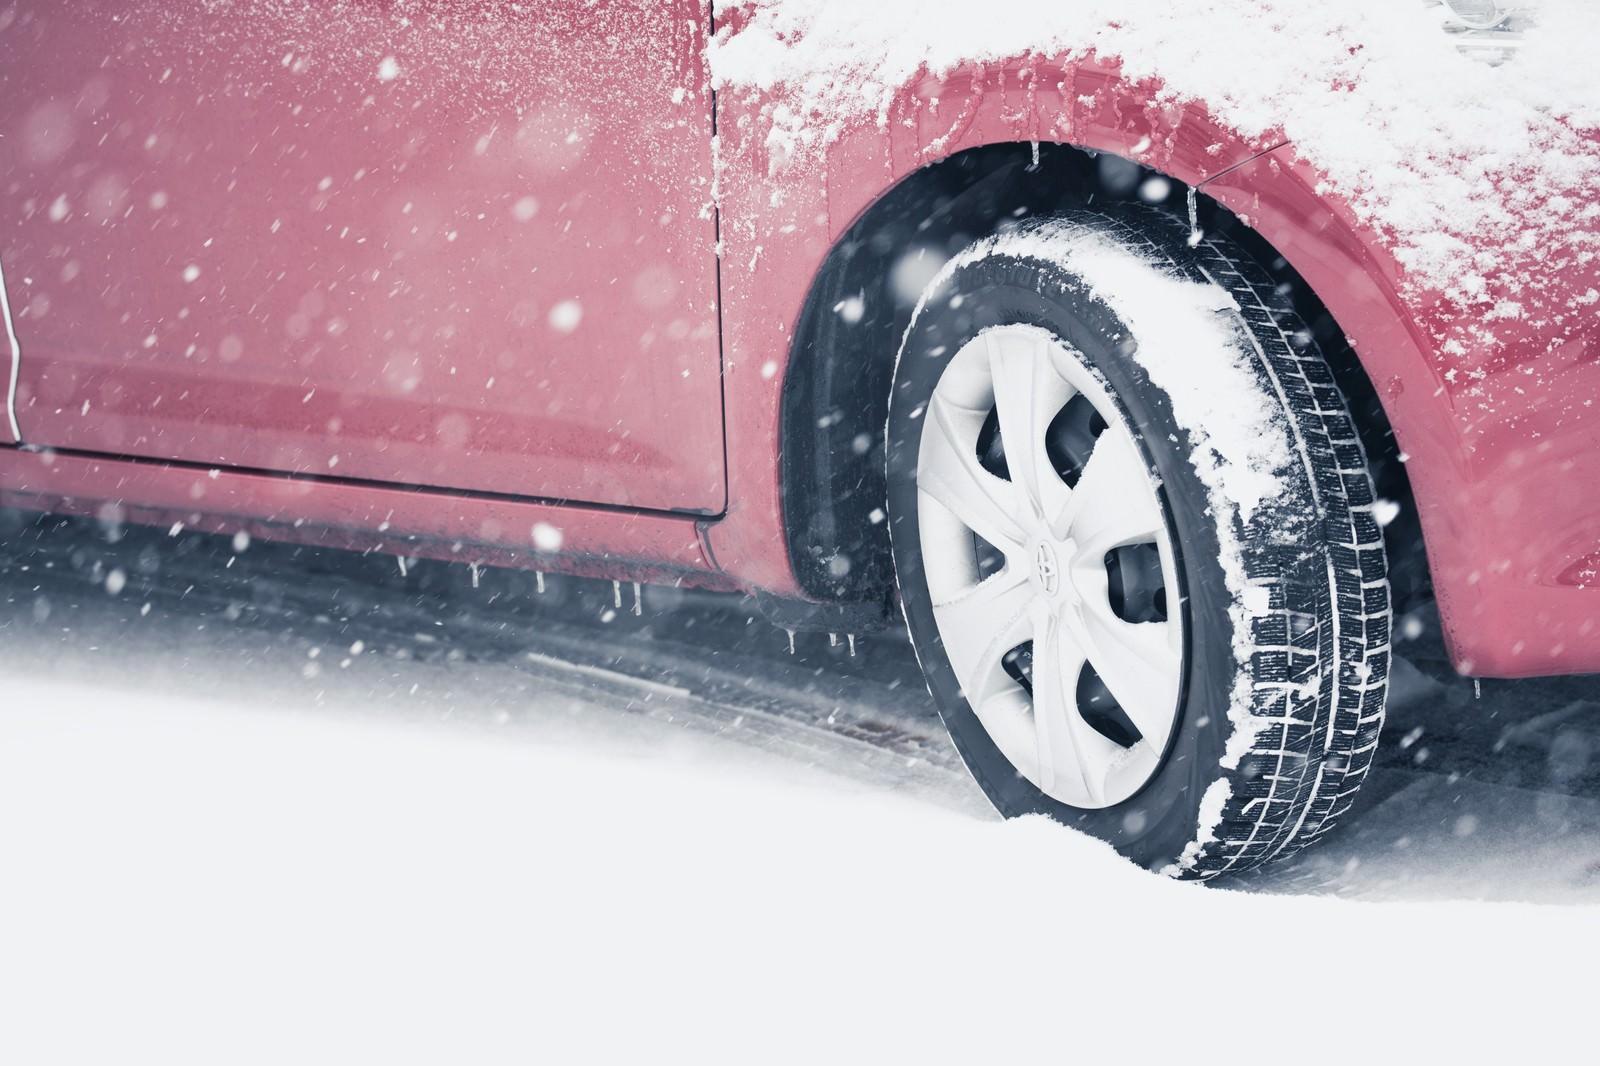 「スリップ注意!雪道を走行する車スリップ注意!雪道を走行する車」のフリー写真素材